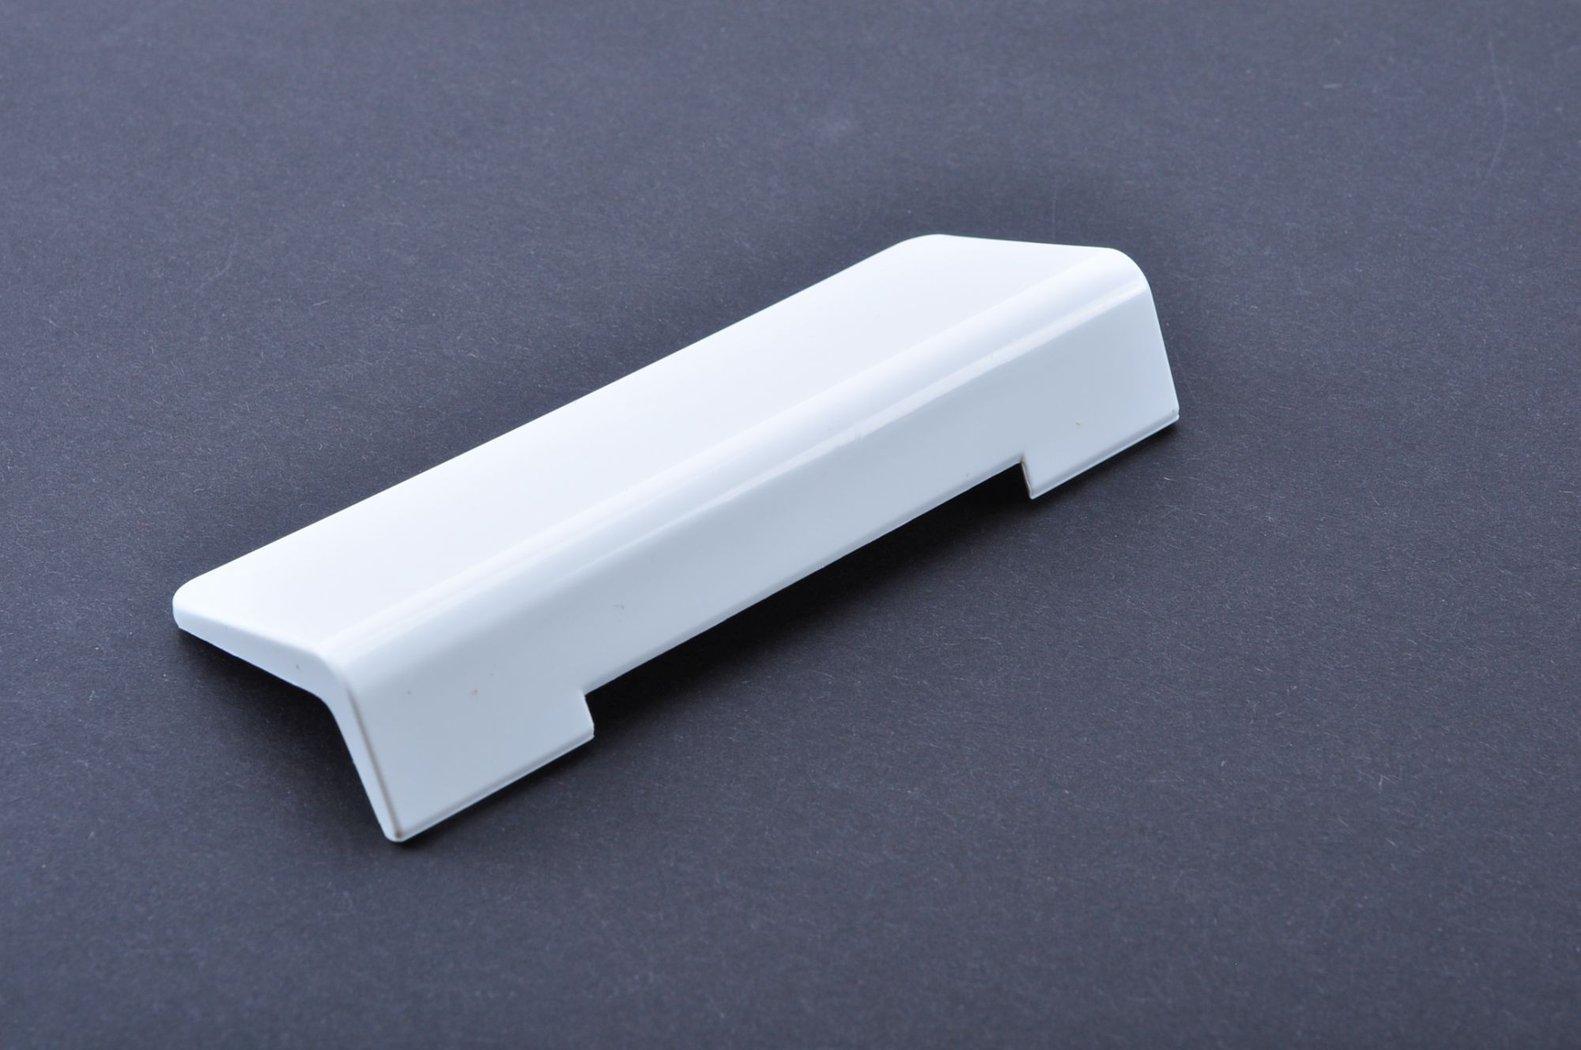 Aeg Hausgeräte Kühlschrank : 2236606063 griff gefrierfach kühlschrank aeg electrolux privileg